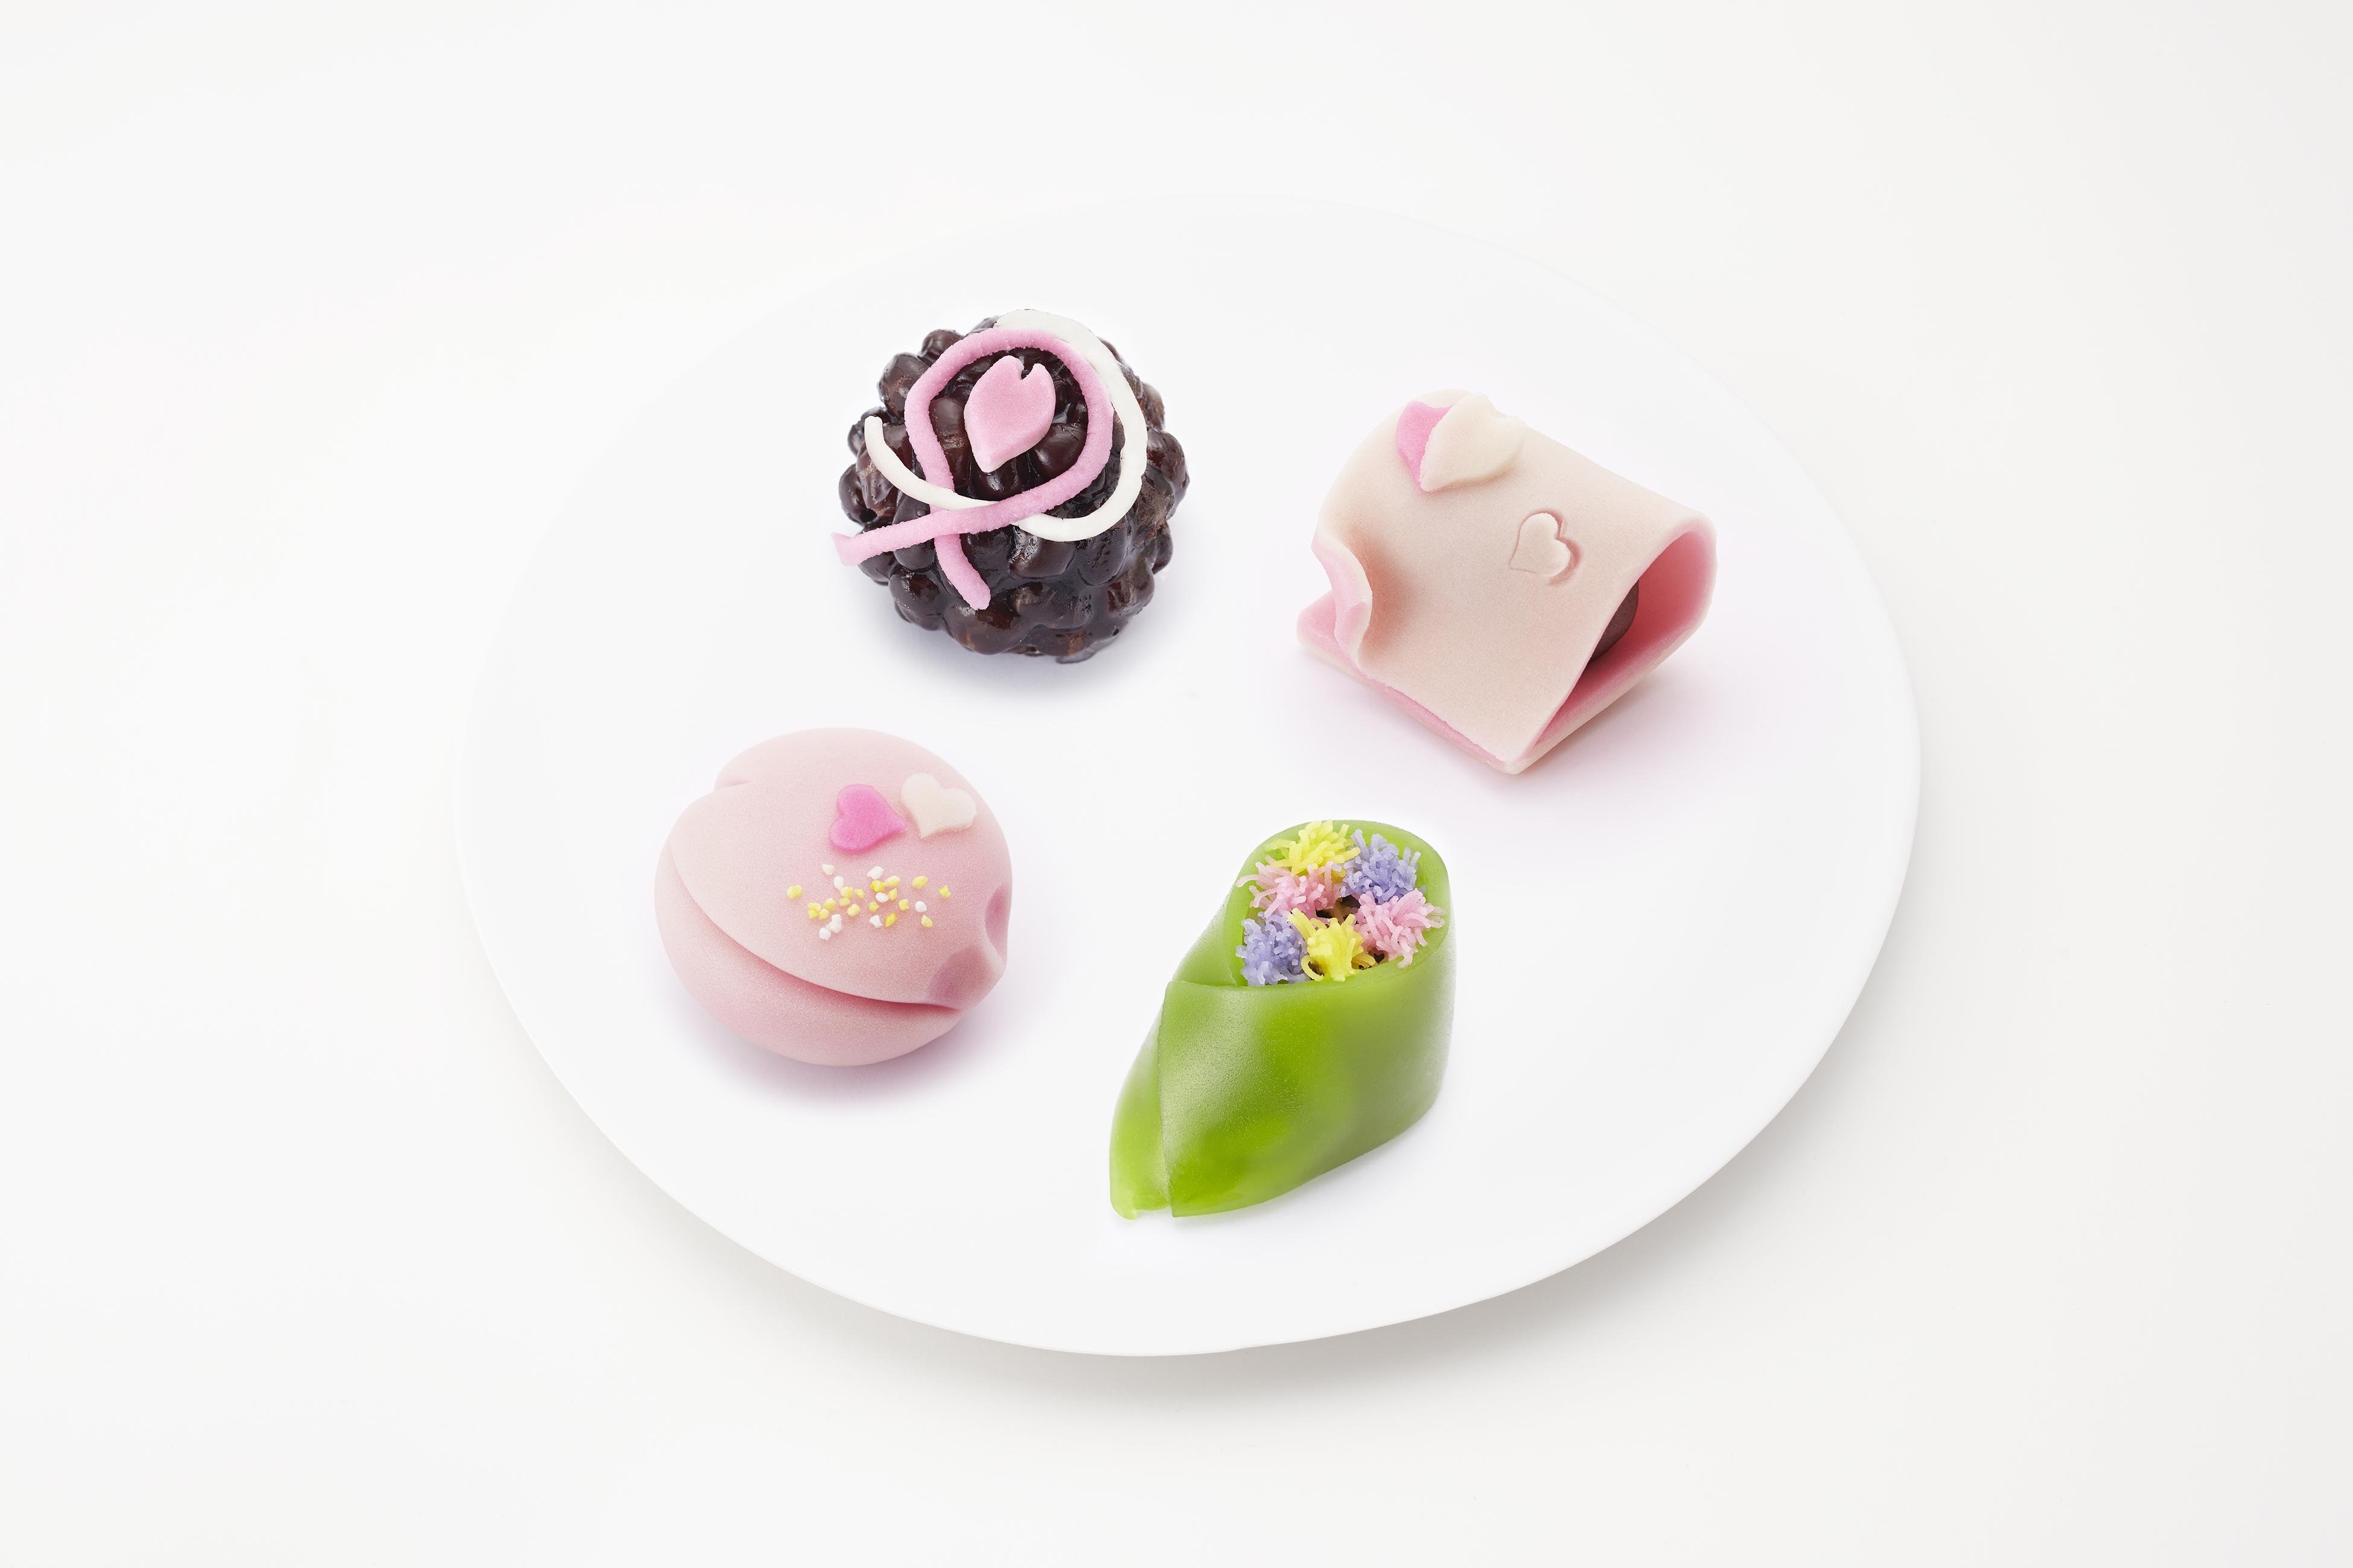 バレンタイン限定上生菓子 2月5日(金)より販売 ご予約承り中